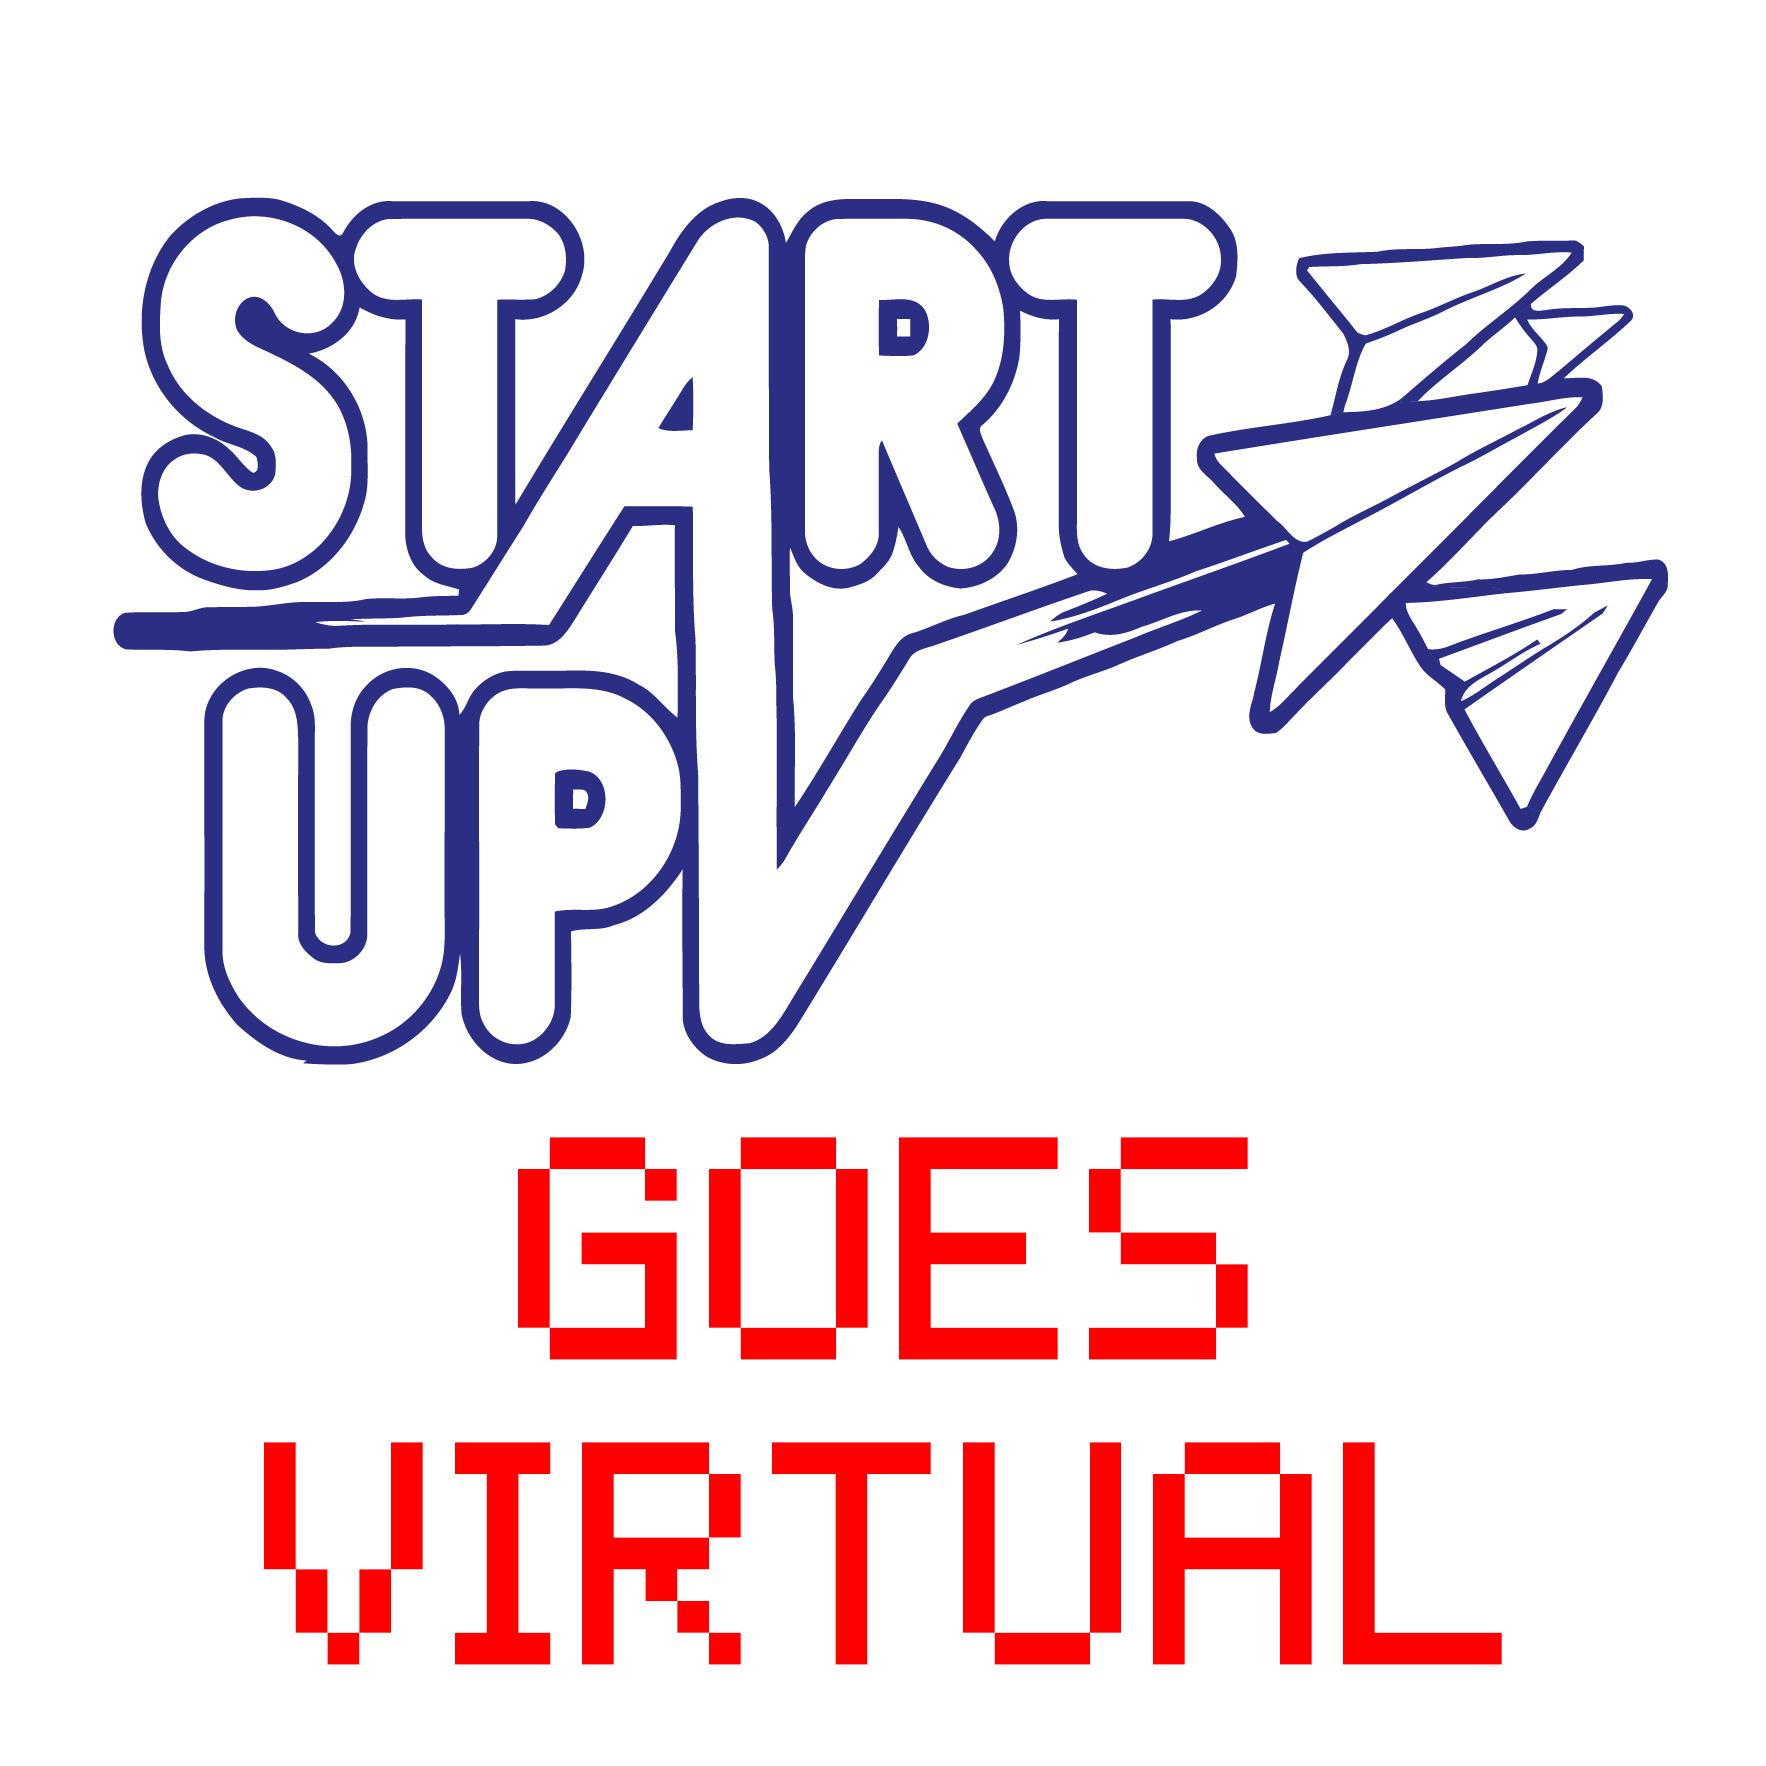 startupv virtual